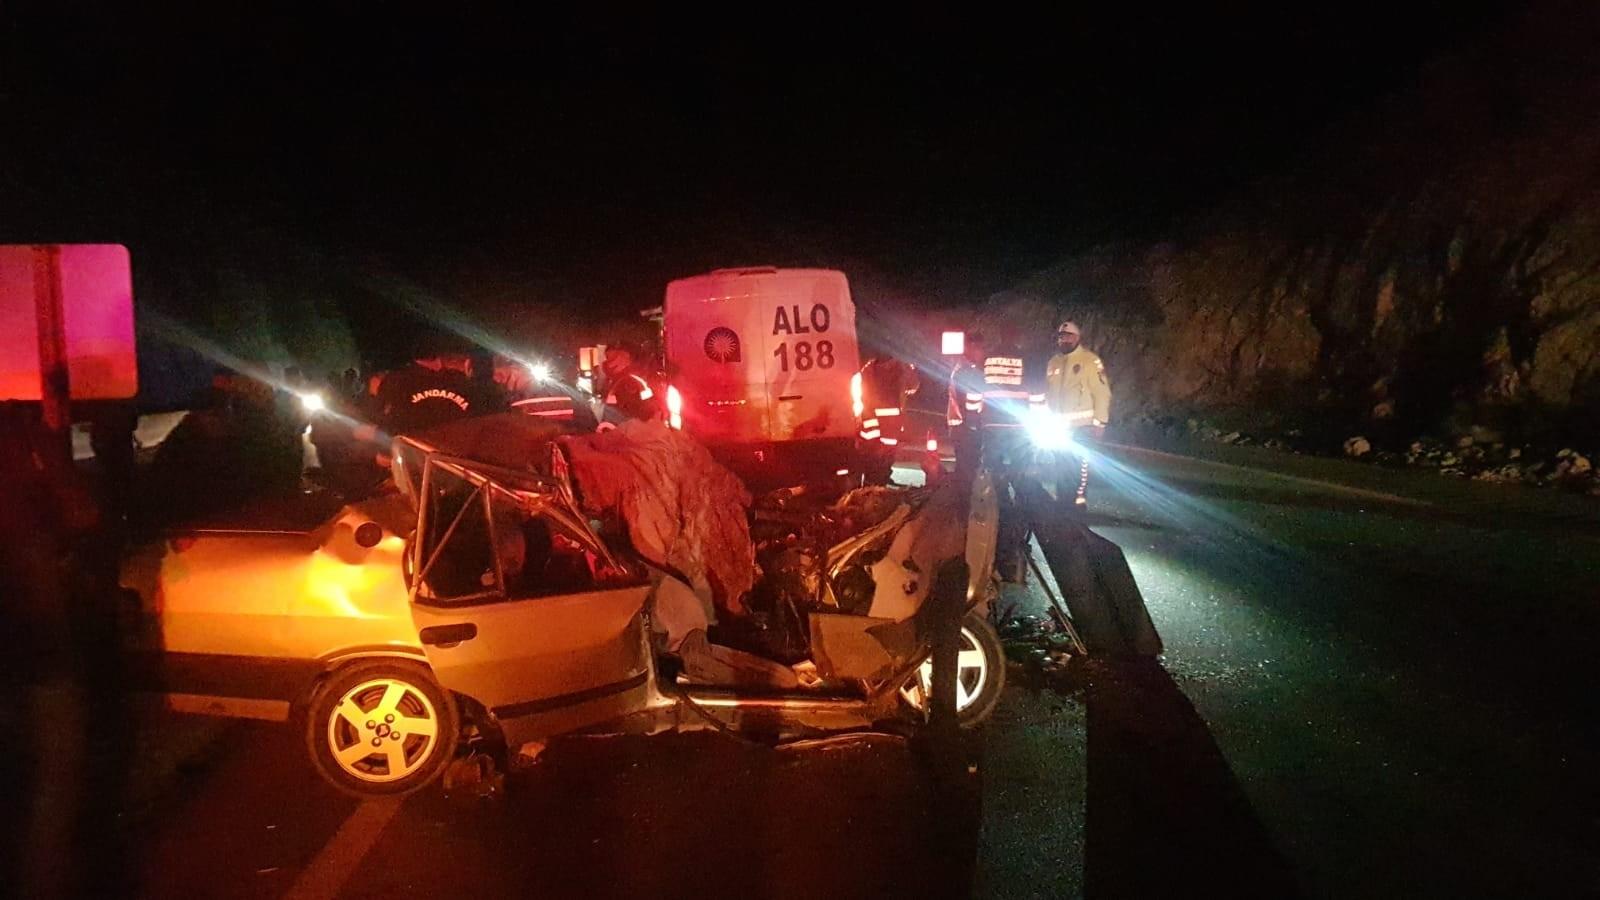 Antalya'da meydana gelen trafik kazasında 2 kişi hayatını kaybederken 2 kişi yaralandı